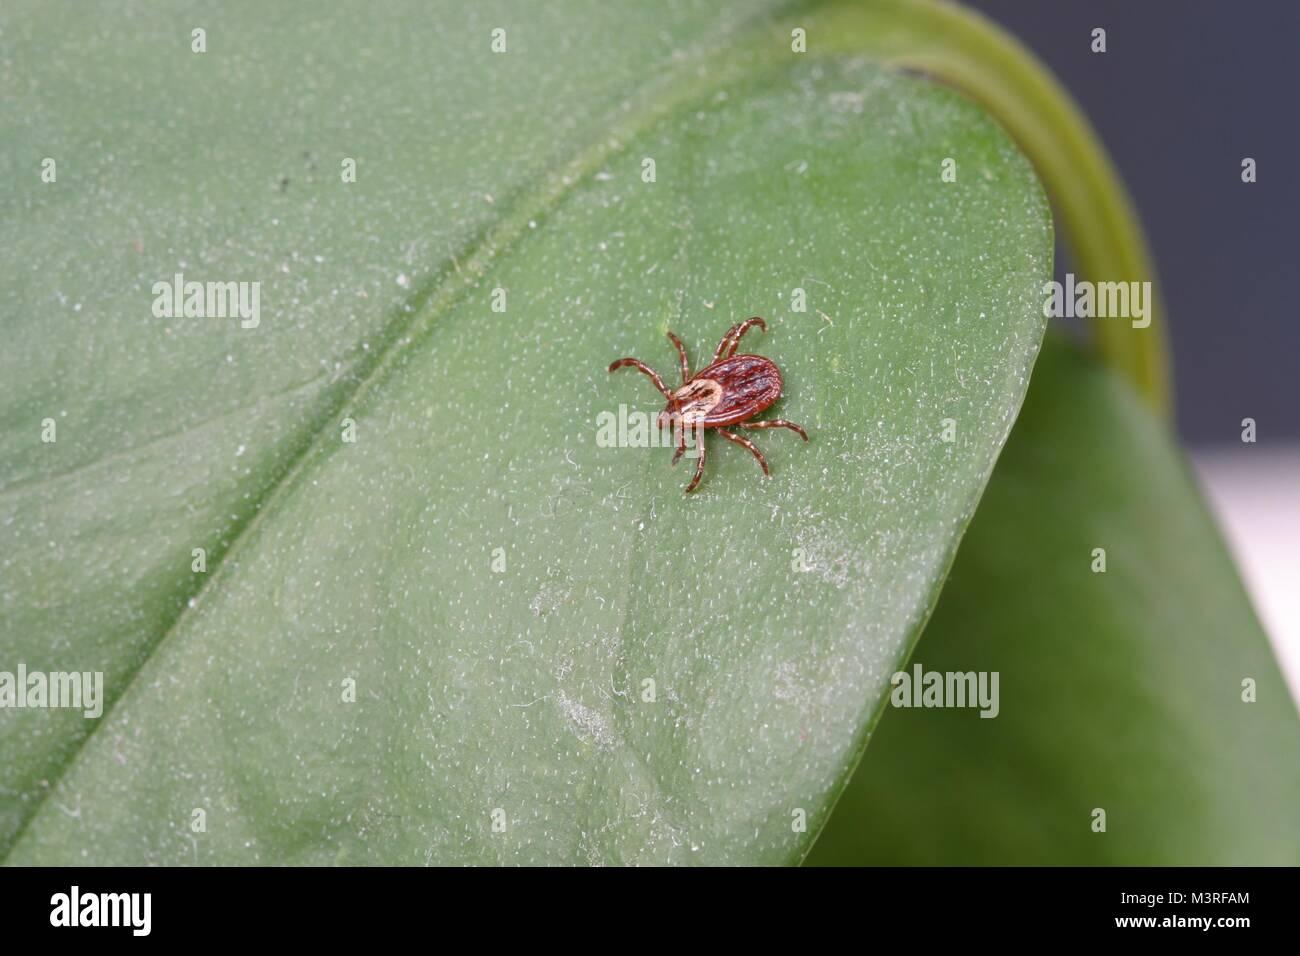 Dermacentor variabilis, auch als American Dog Tick auf einer Pflanze bekannt - diese Art von Tick ist bekannt für Stockbild